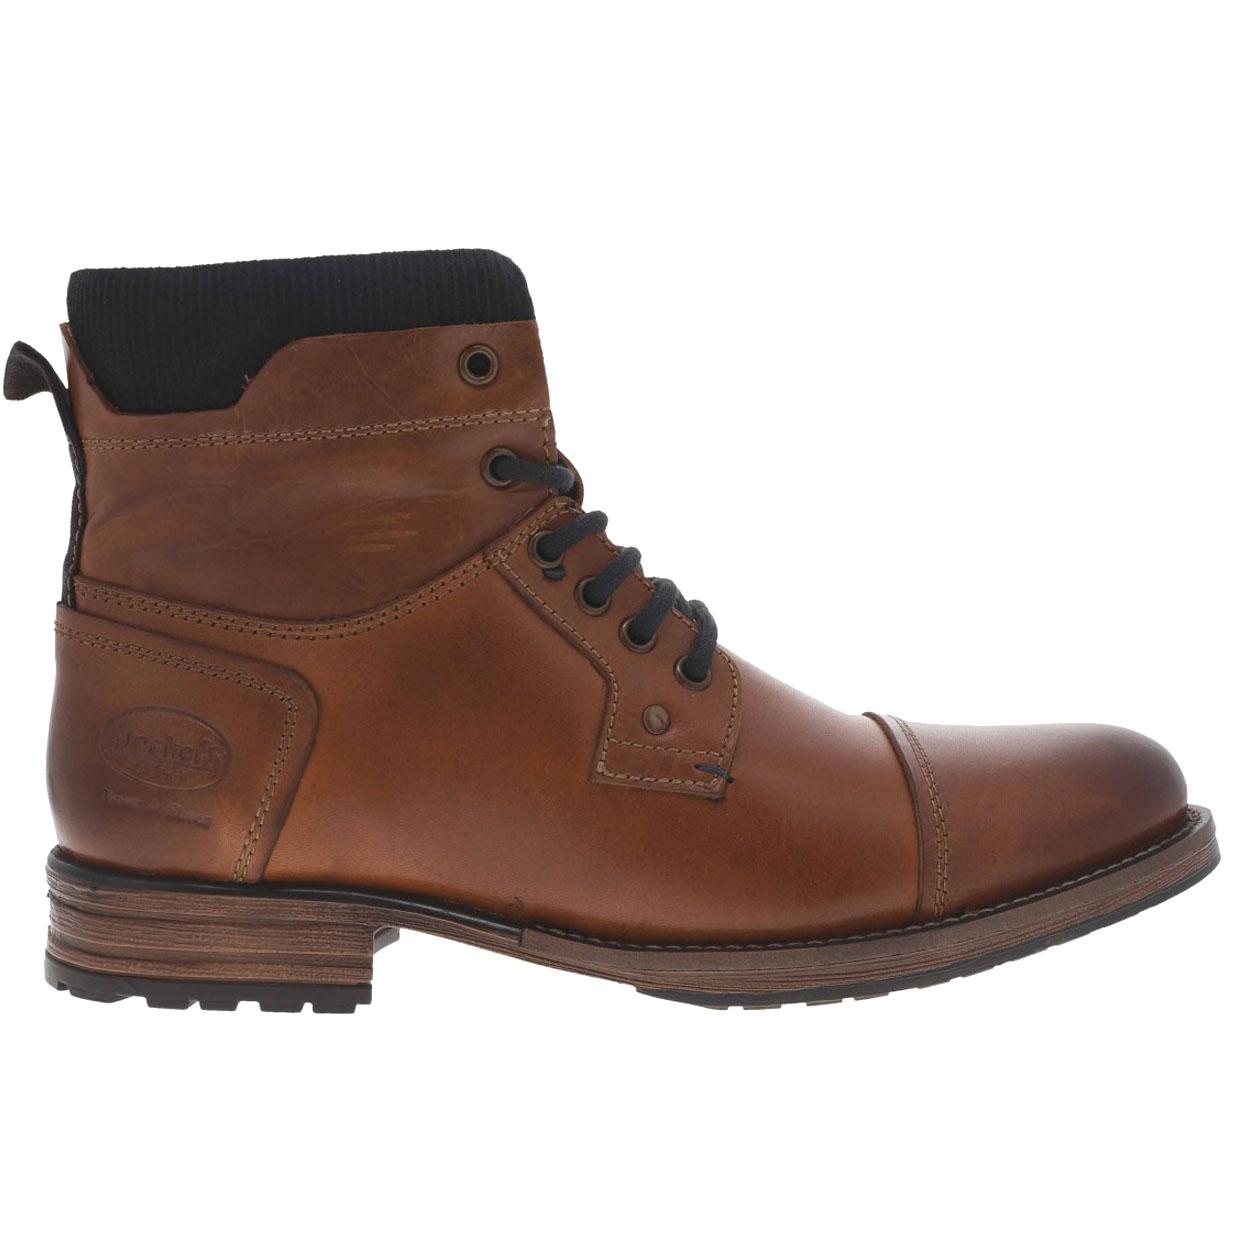 Boots montantes  marron à détails bleu marine